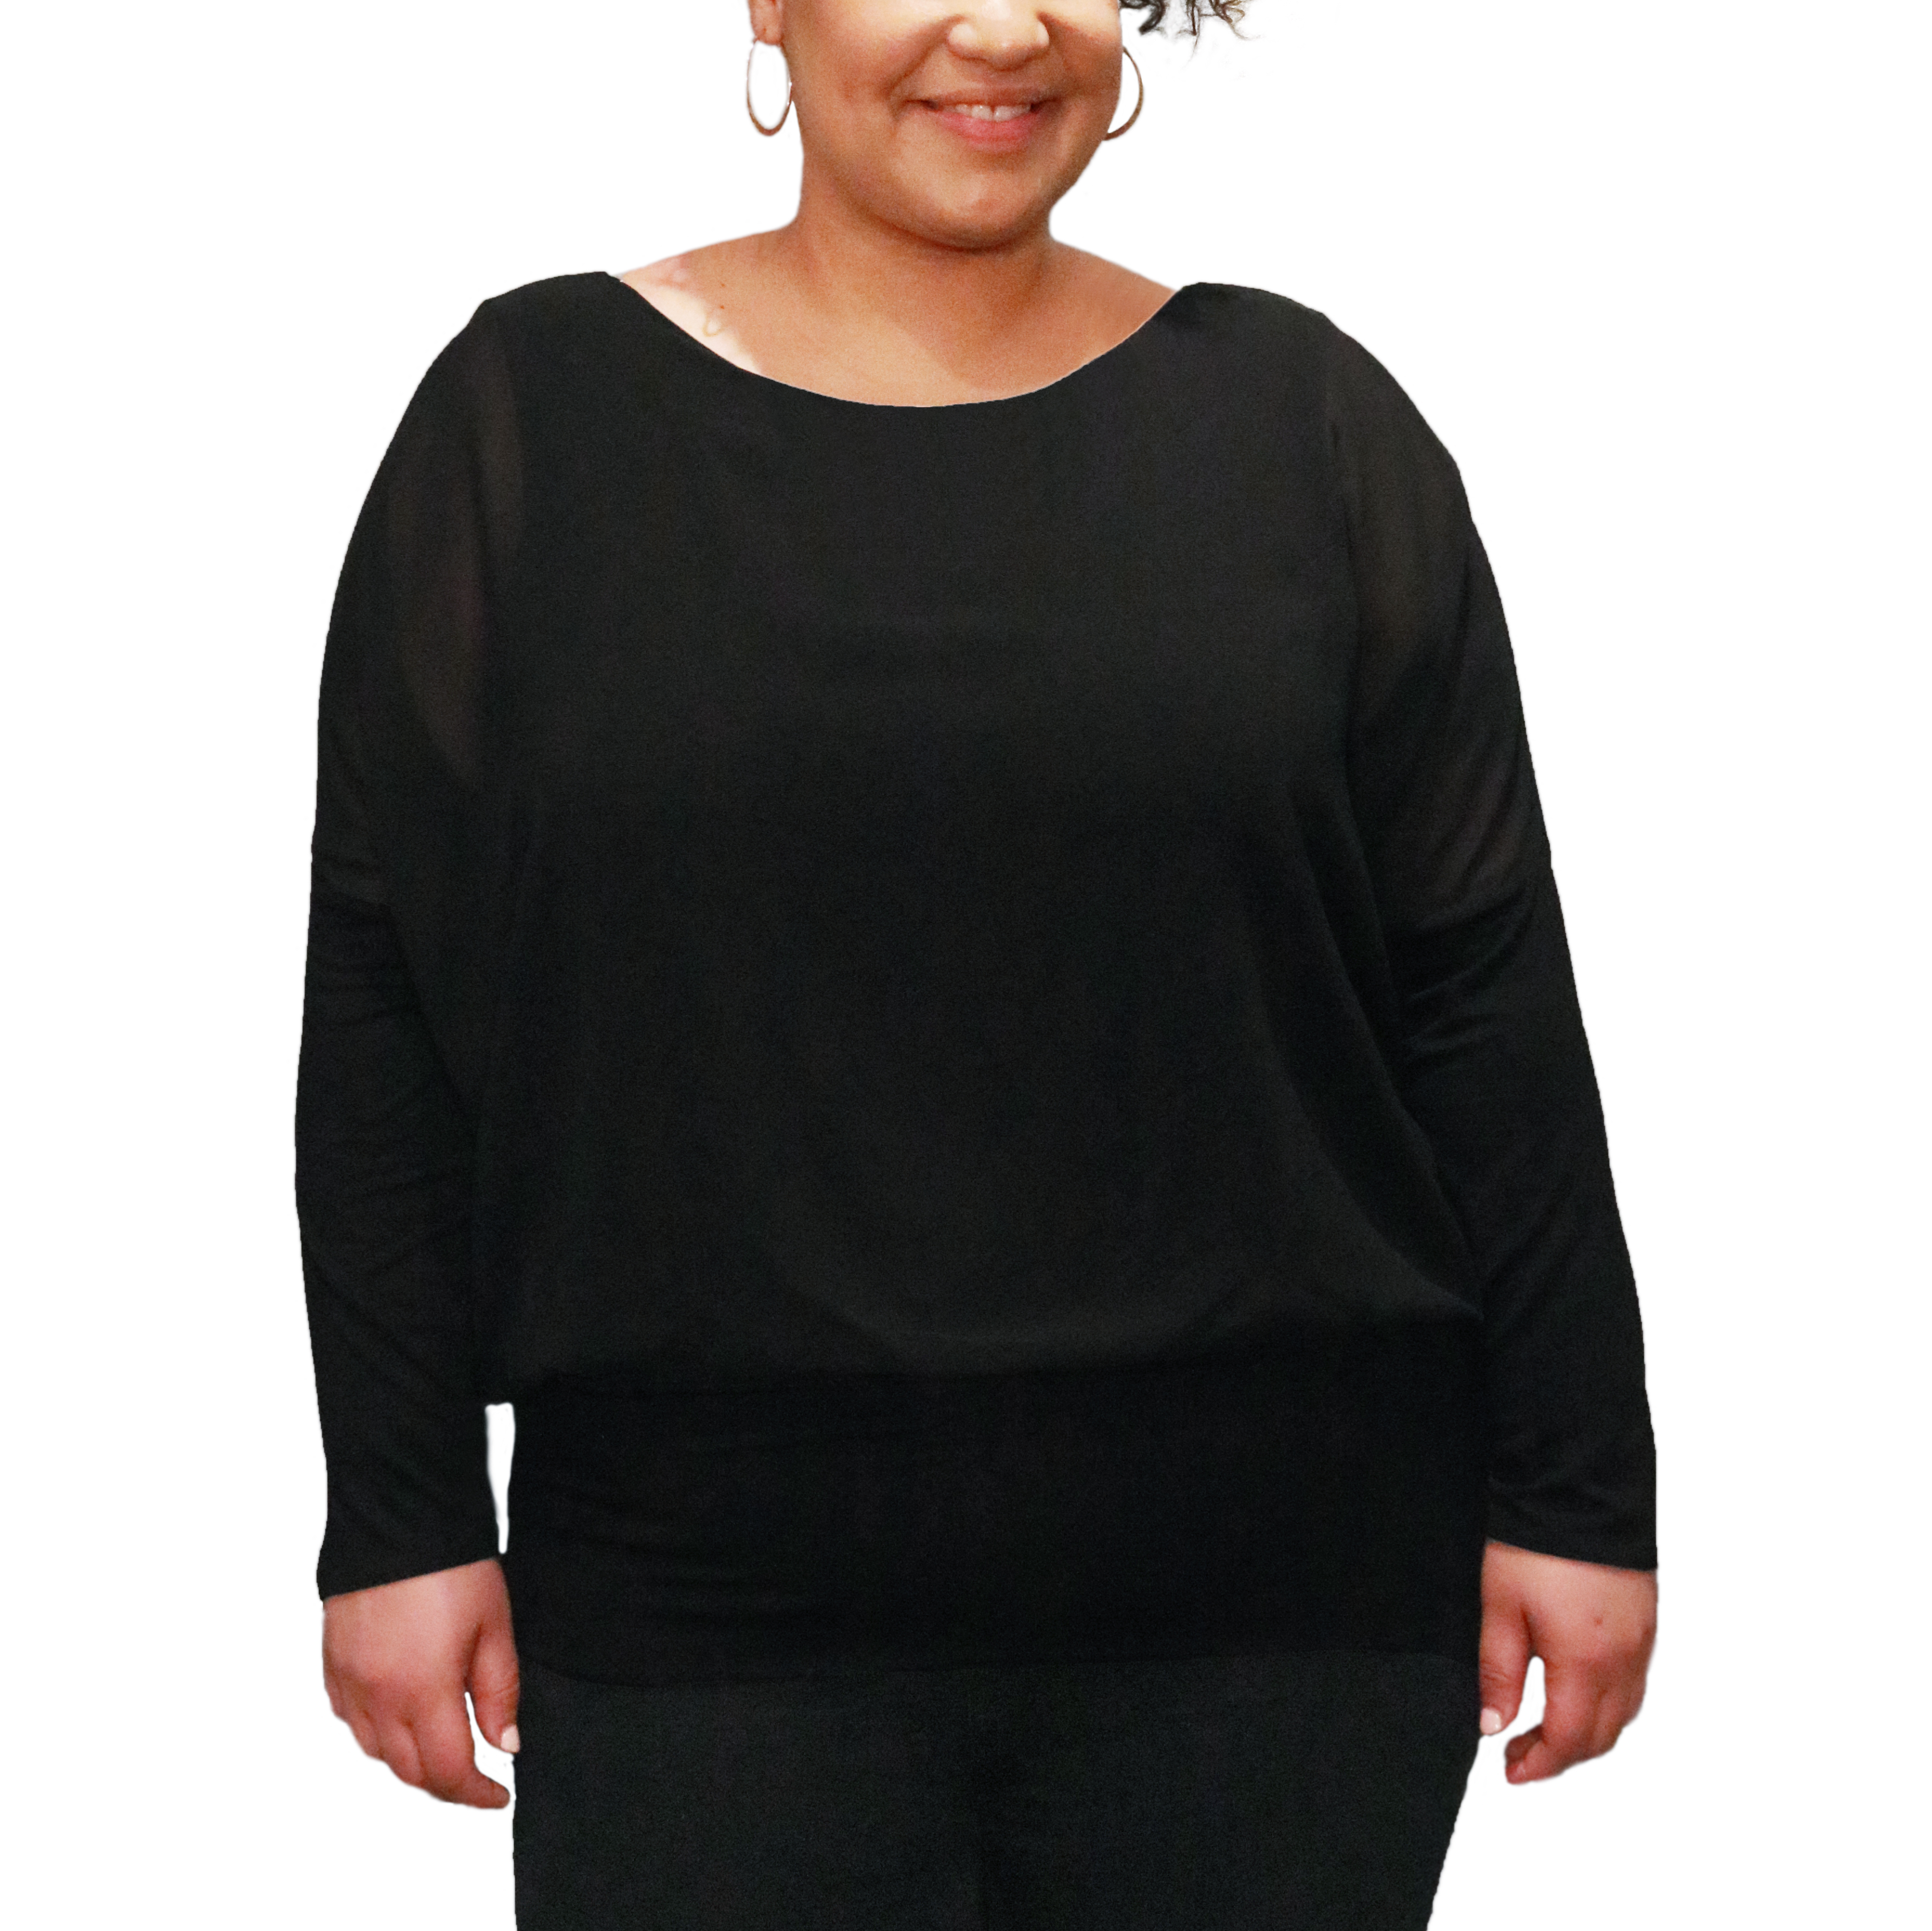 Dolman Long Sleeve Blouse in Black